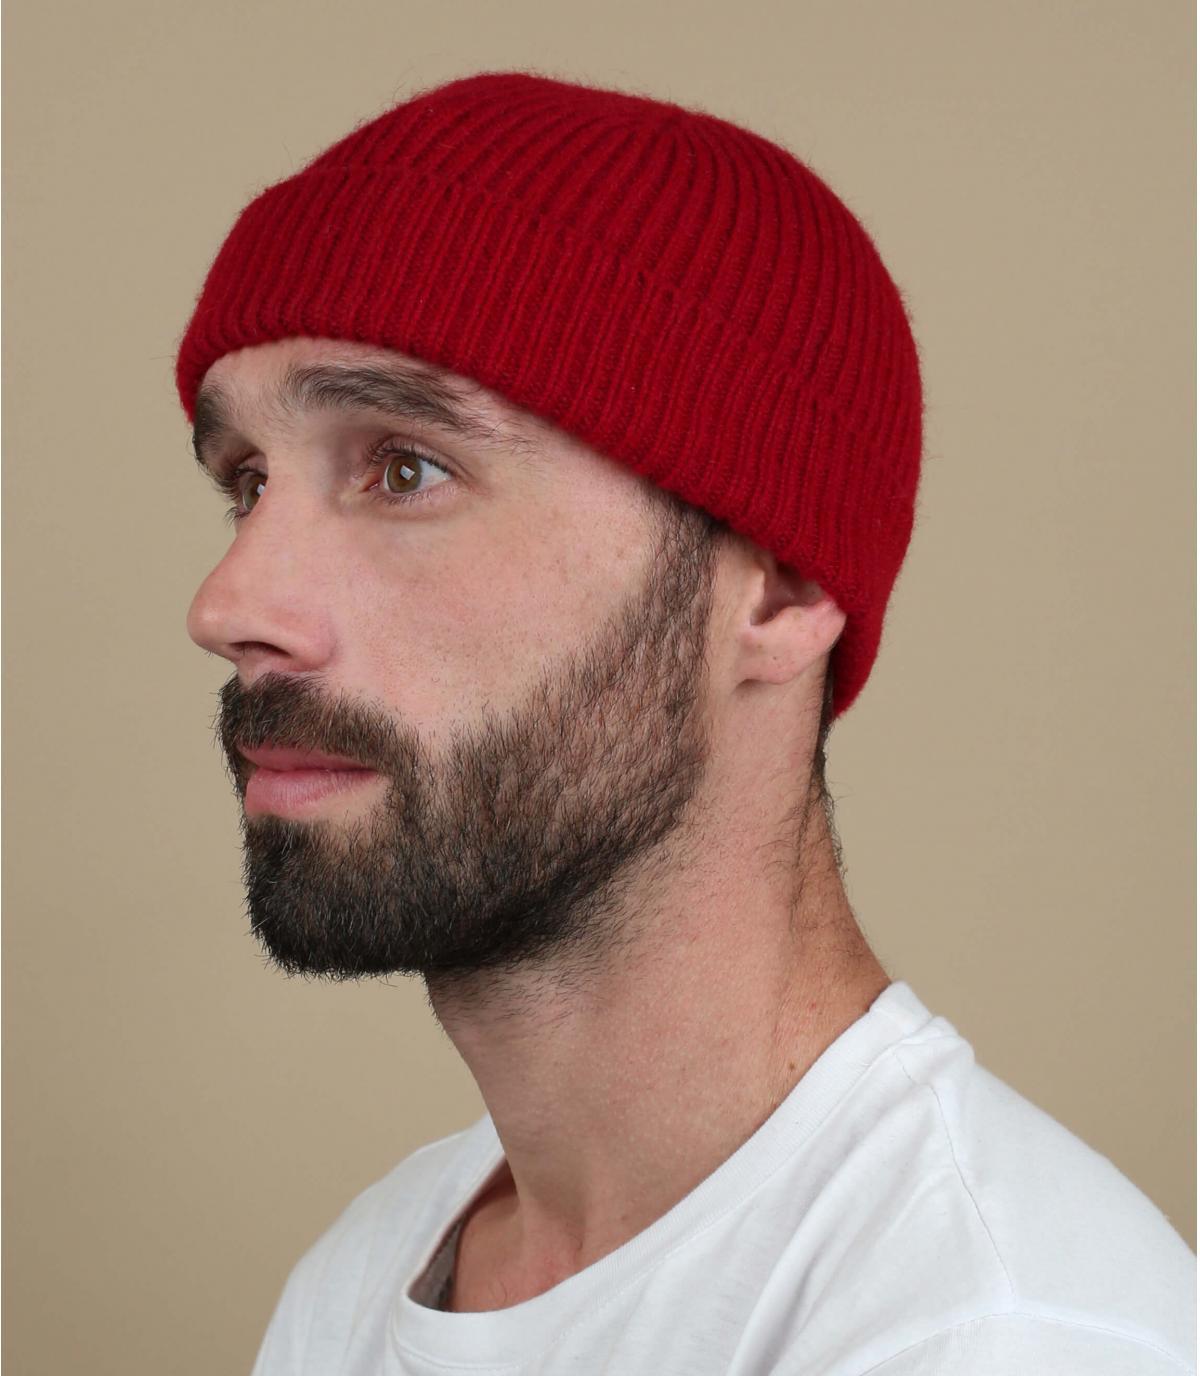 cappuccio rosso inverso